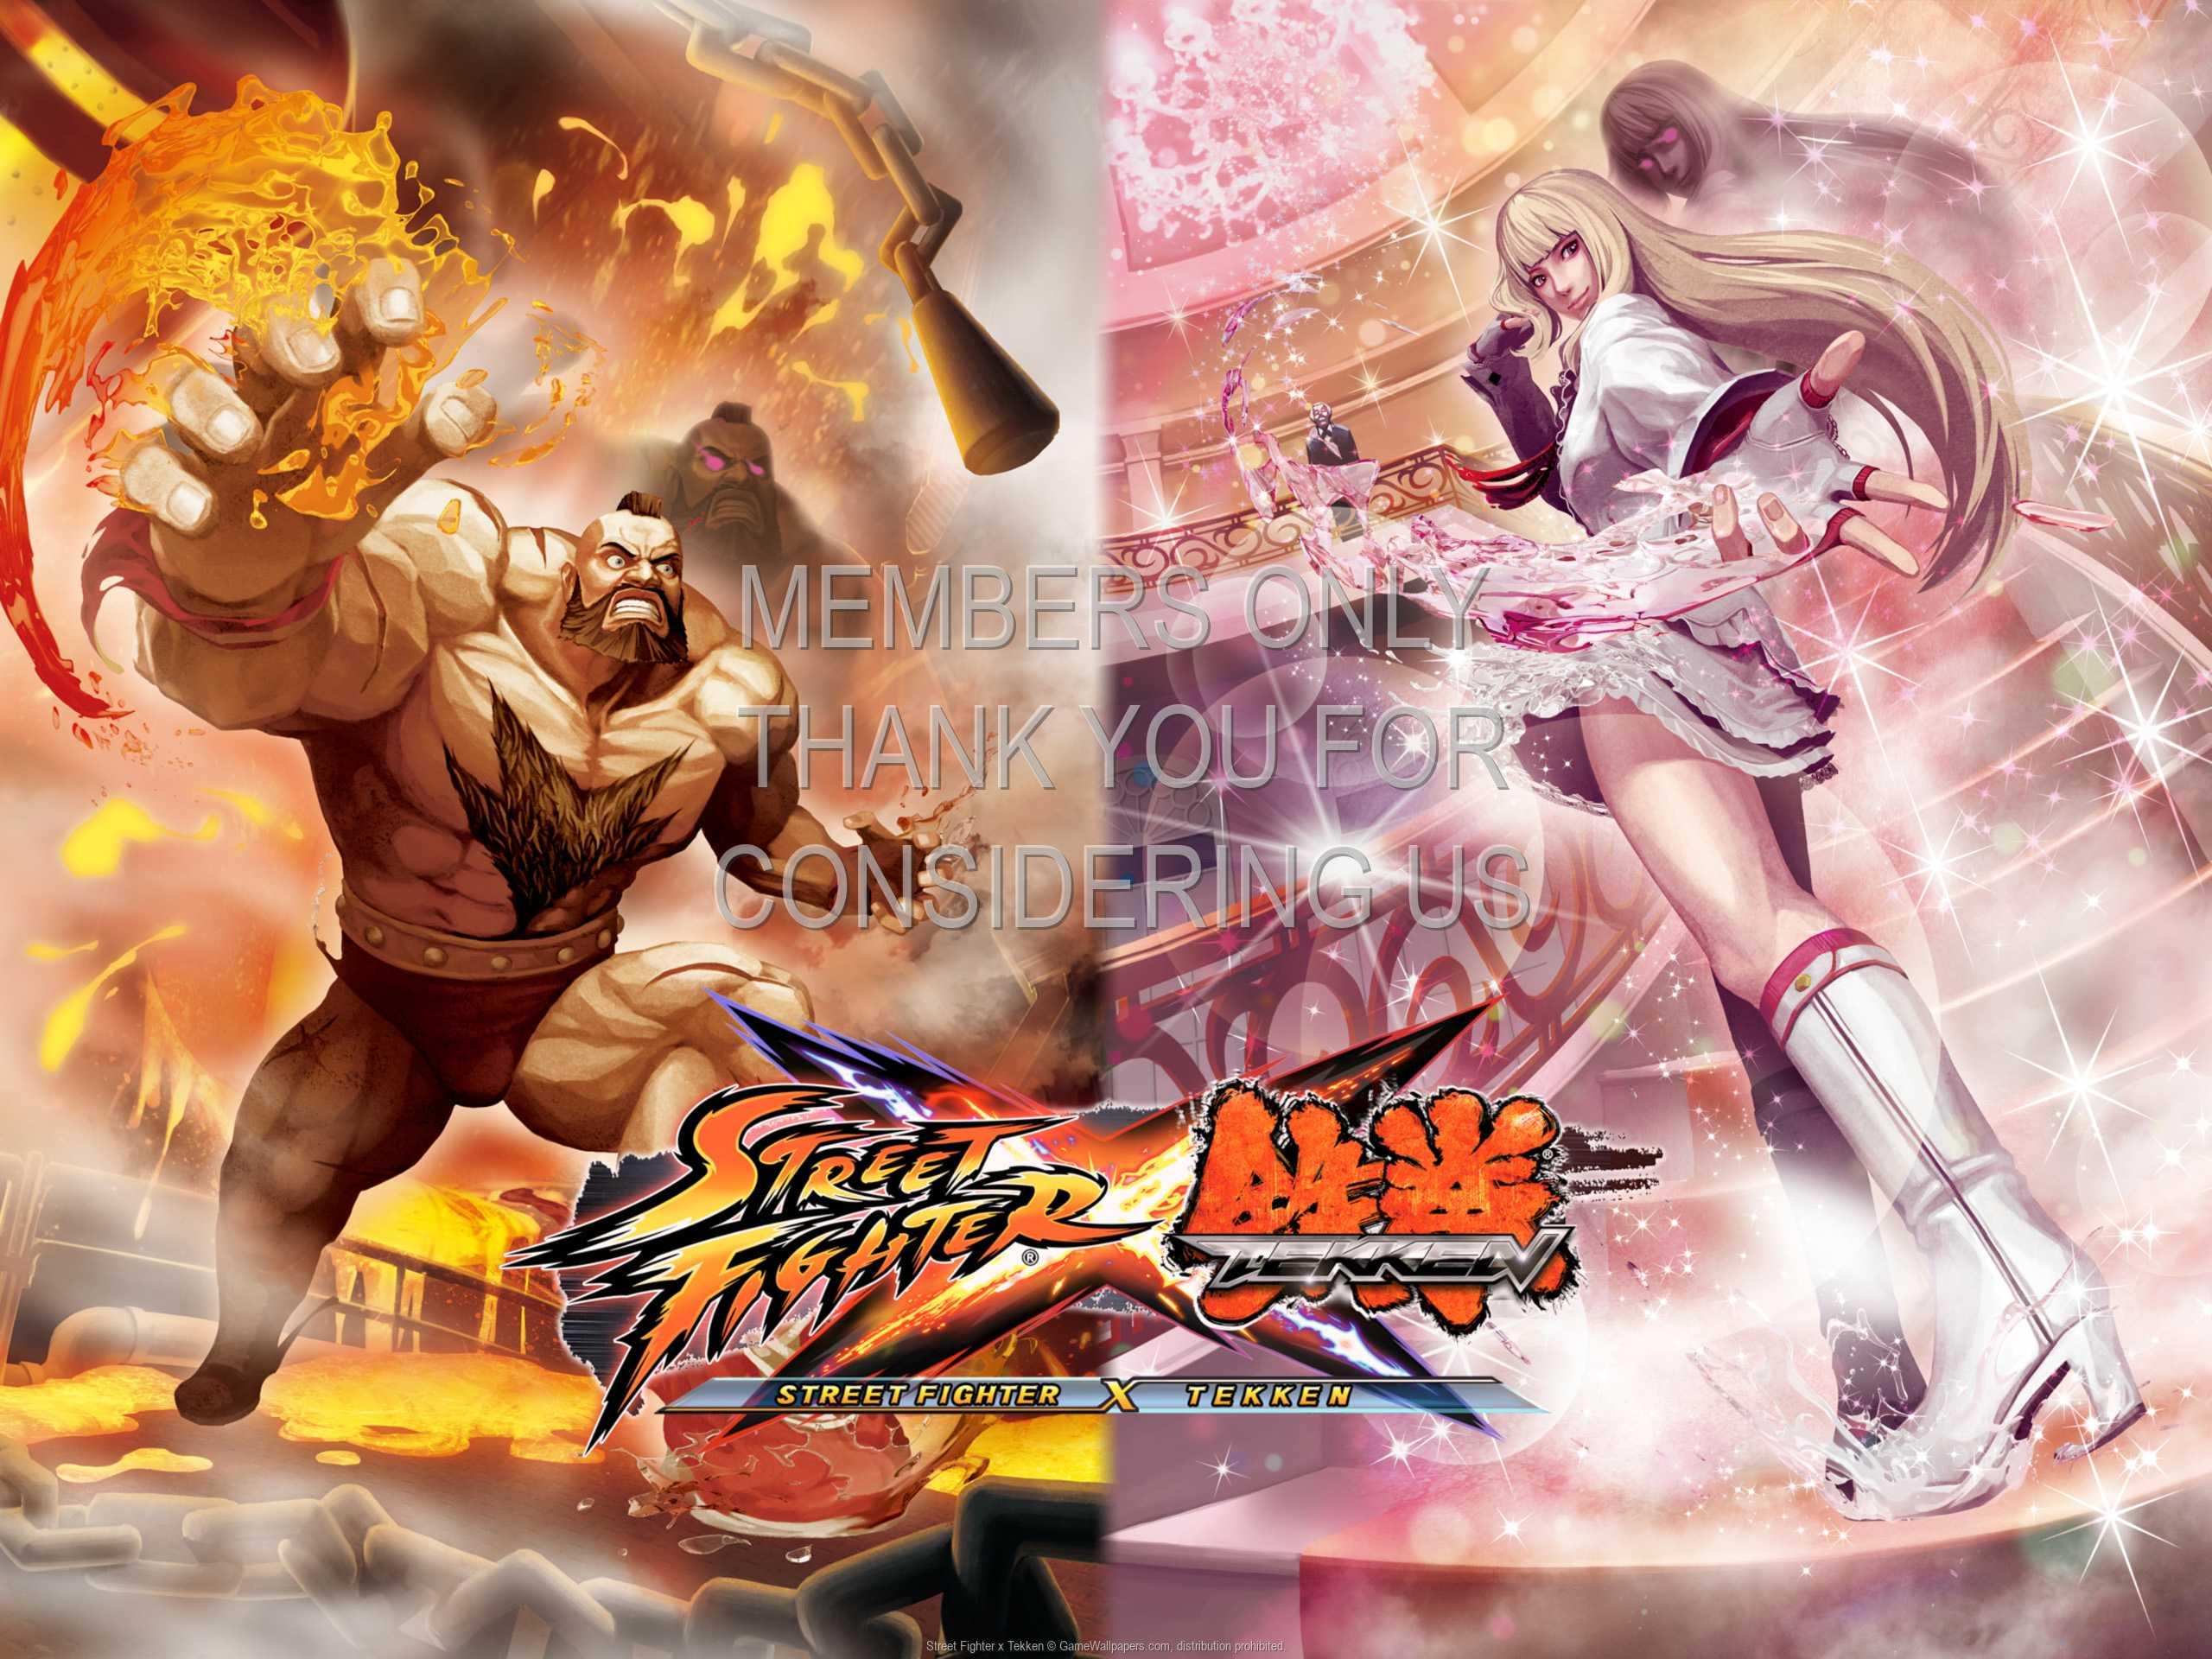 Street Fighter x Tekken 1080p Horizontal Mobile wallpaper or background 02